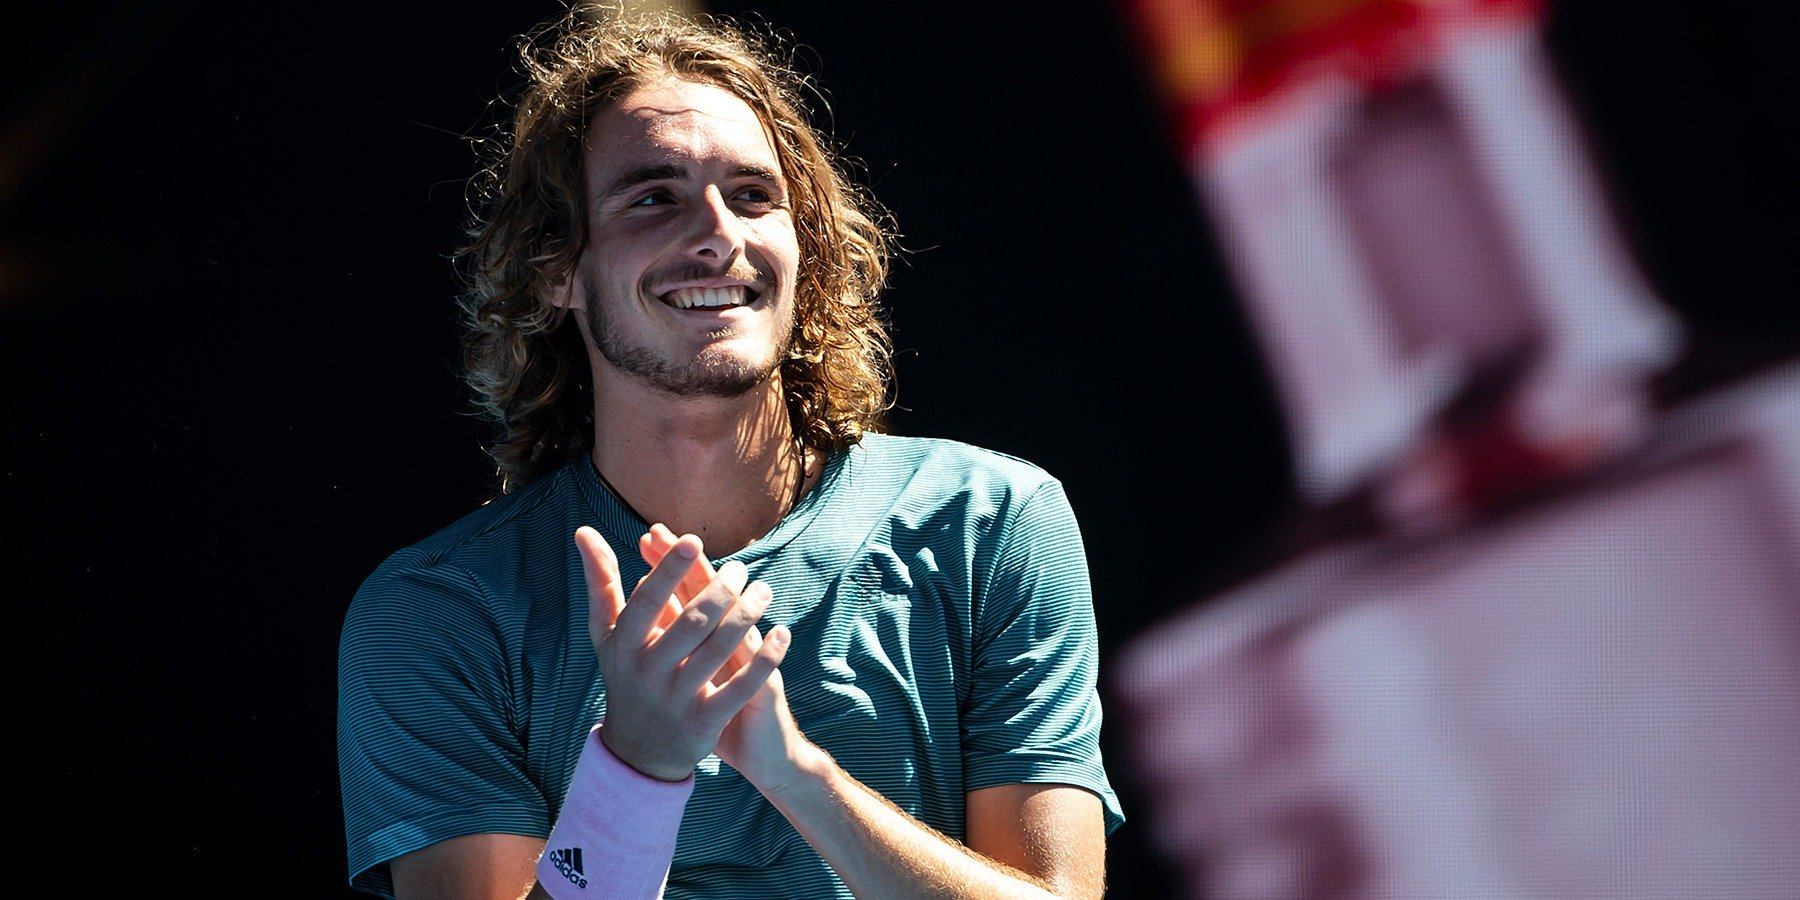 Стефанос Циципас - Доминик Кёпфер. Прогноз и ставки на теннис. 15 июля 2021 года